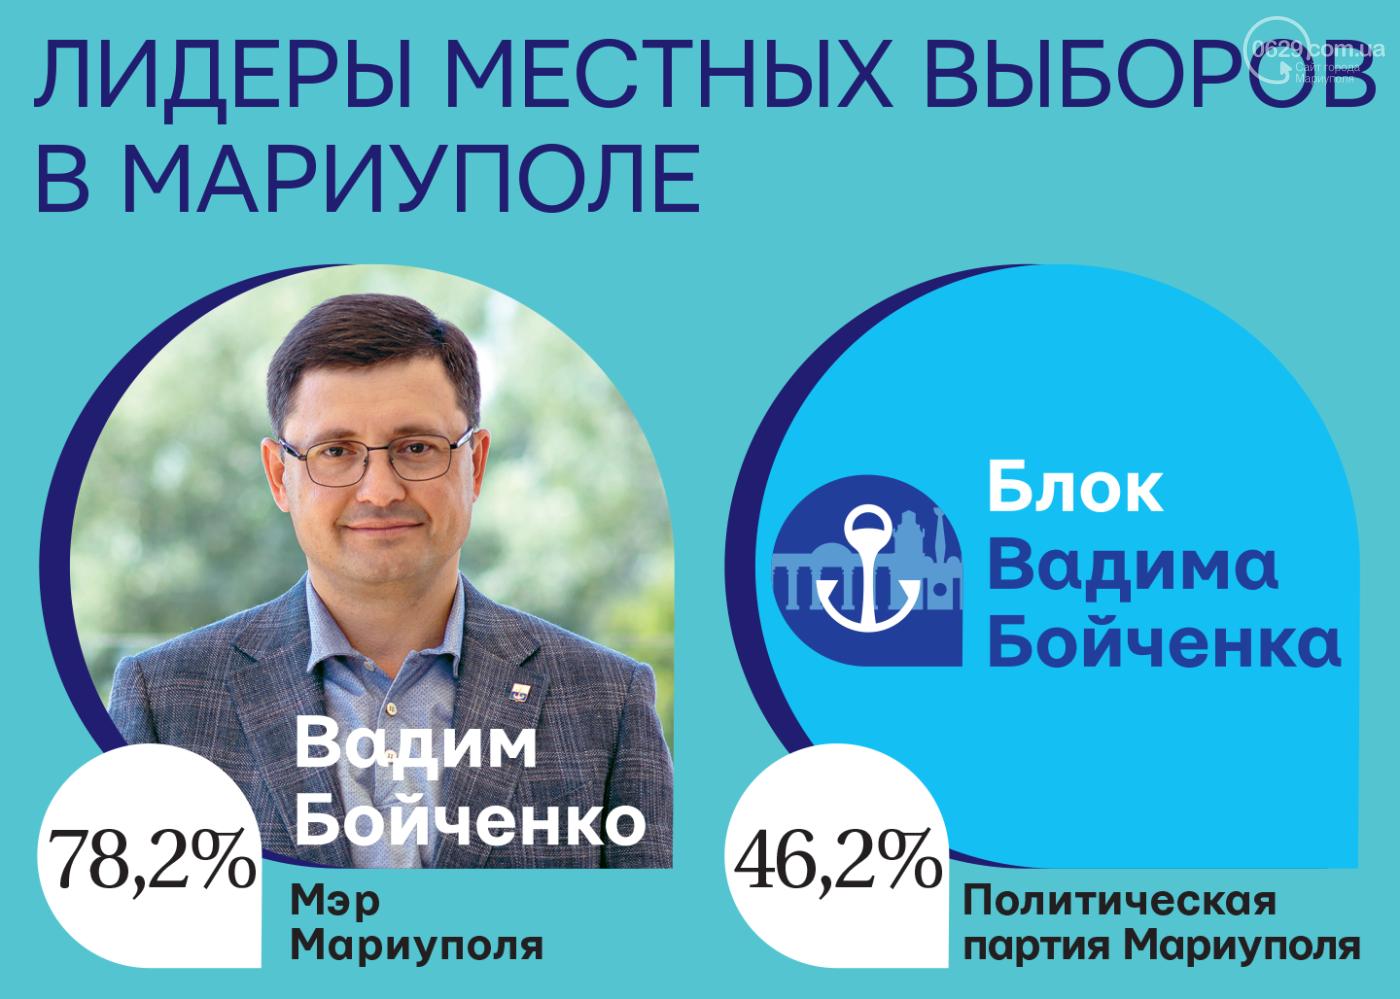 Вадим Бойченко и его Блок – безусловные лидеры местных выборов в Мариуполе , фото-1